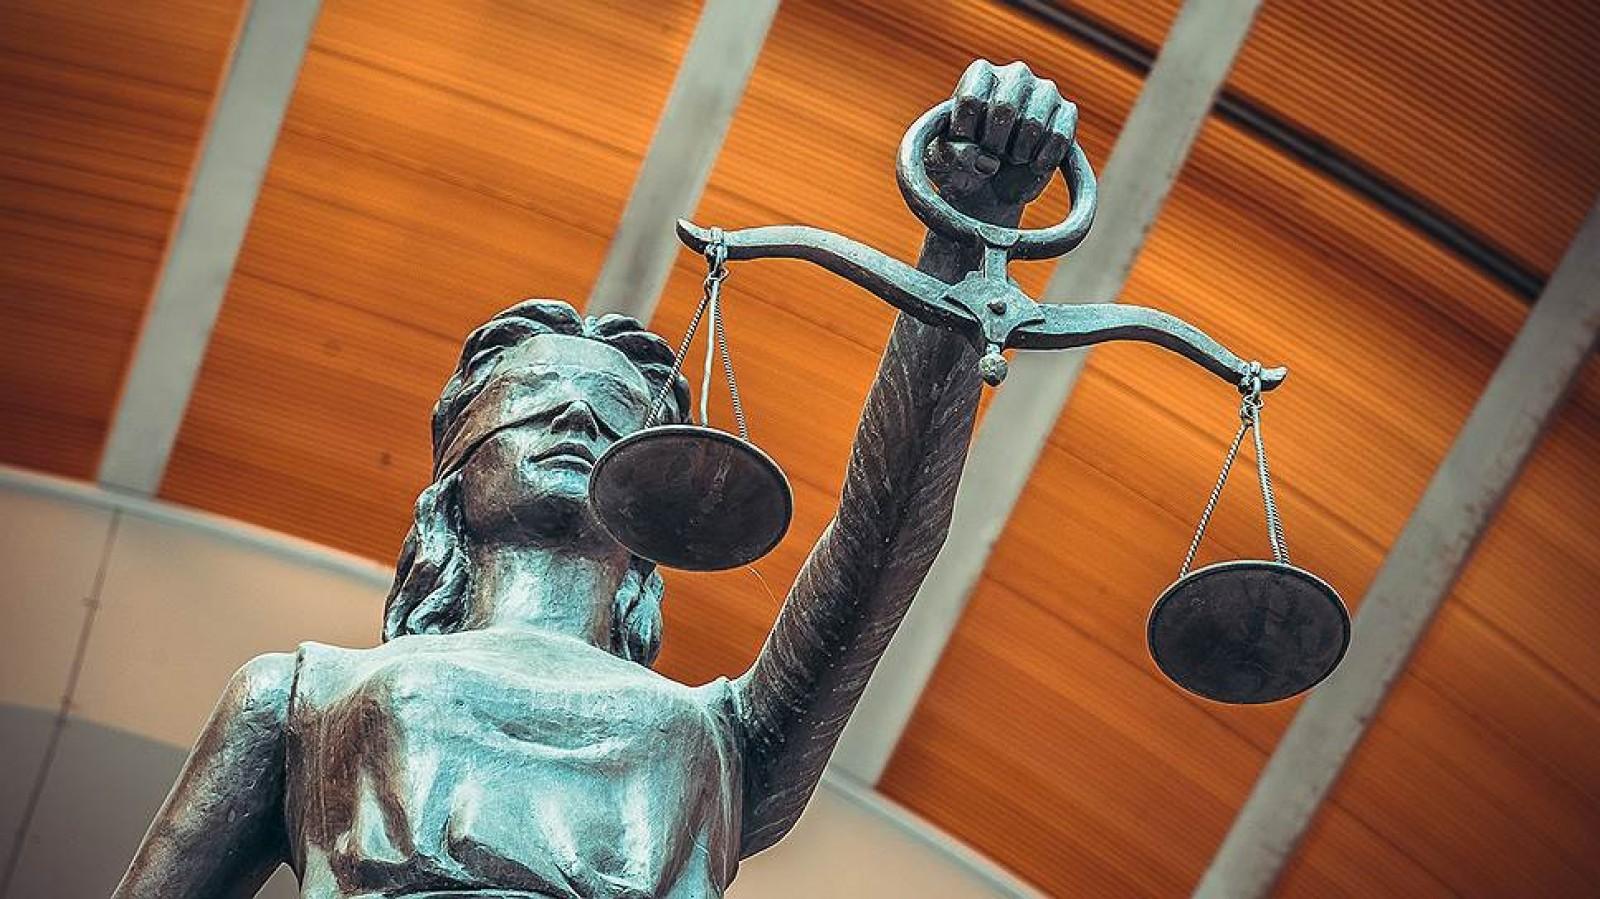 Осужденный зашпионаж житель россии Буряков преждевременно освобожден изтюрьмы вСША